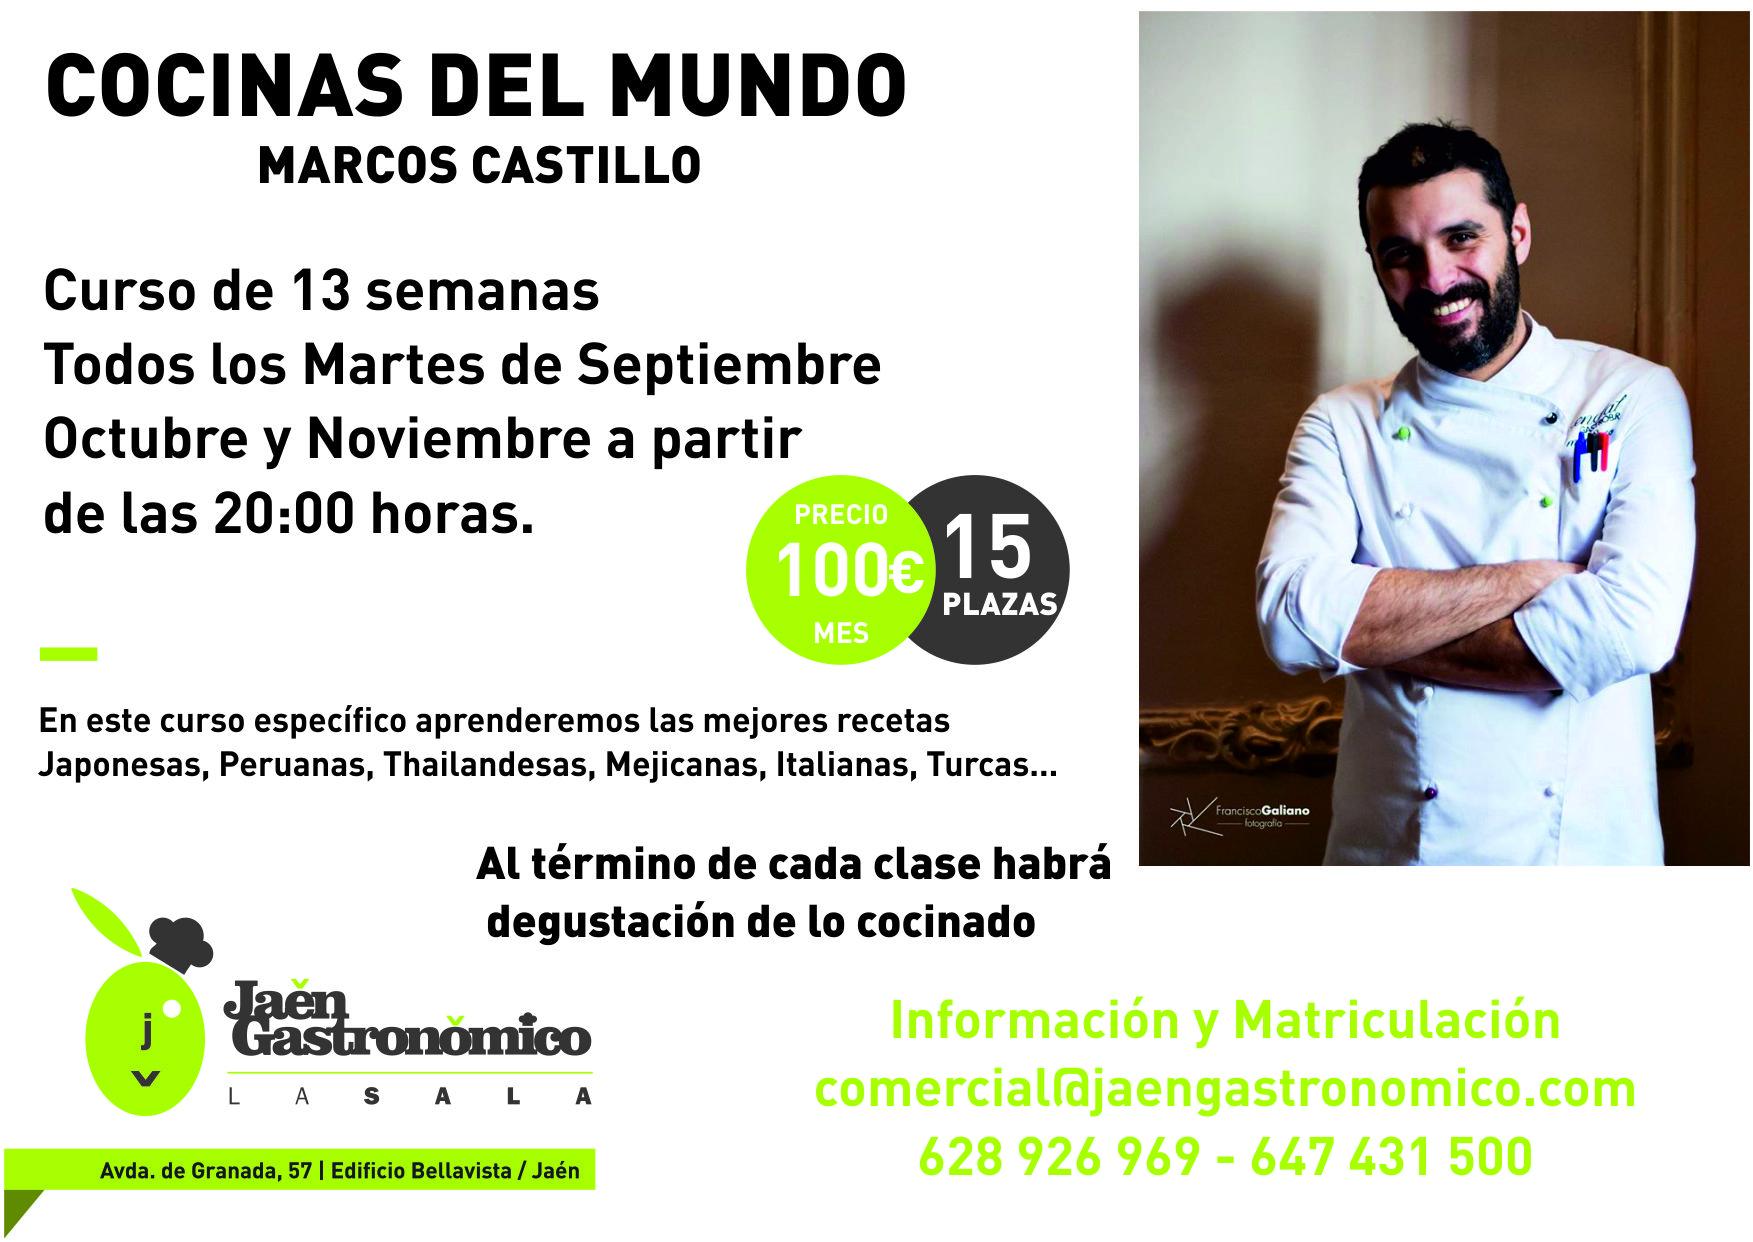 Te mostramos tres recetas con anchoas de Santoña para que elijas wiso mein geld 365 neuerungen bet365 bester slot tu ...